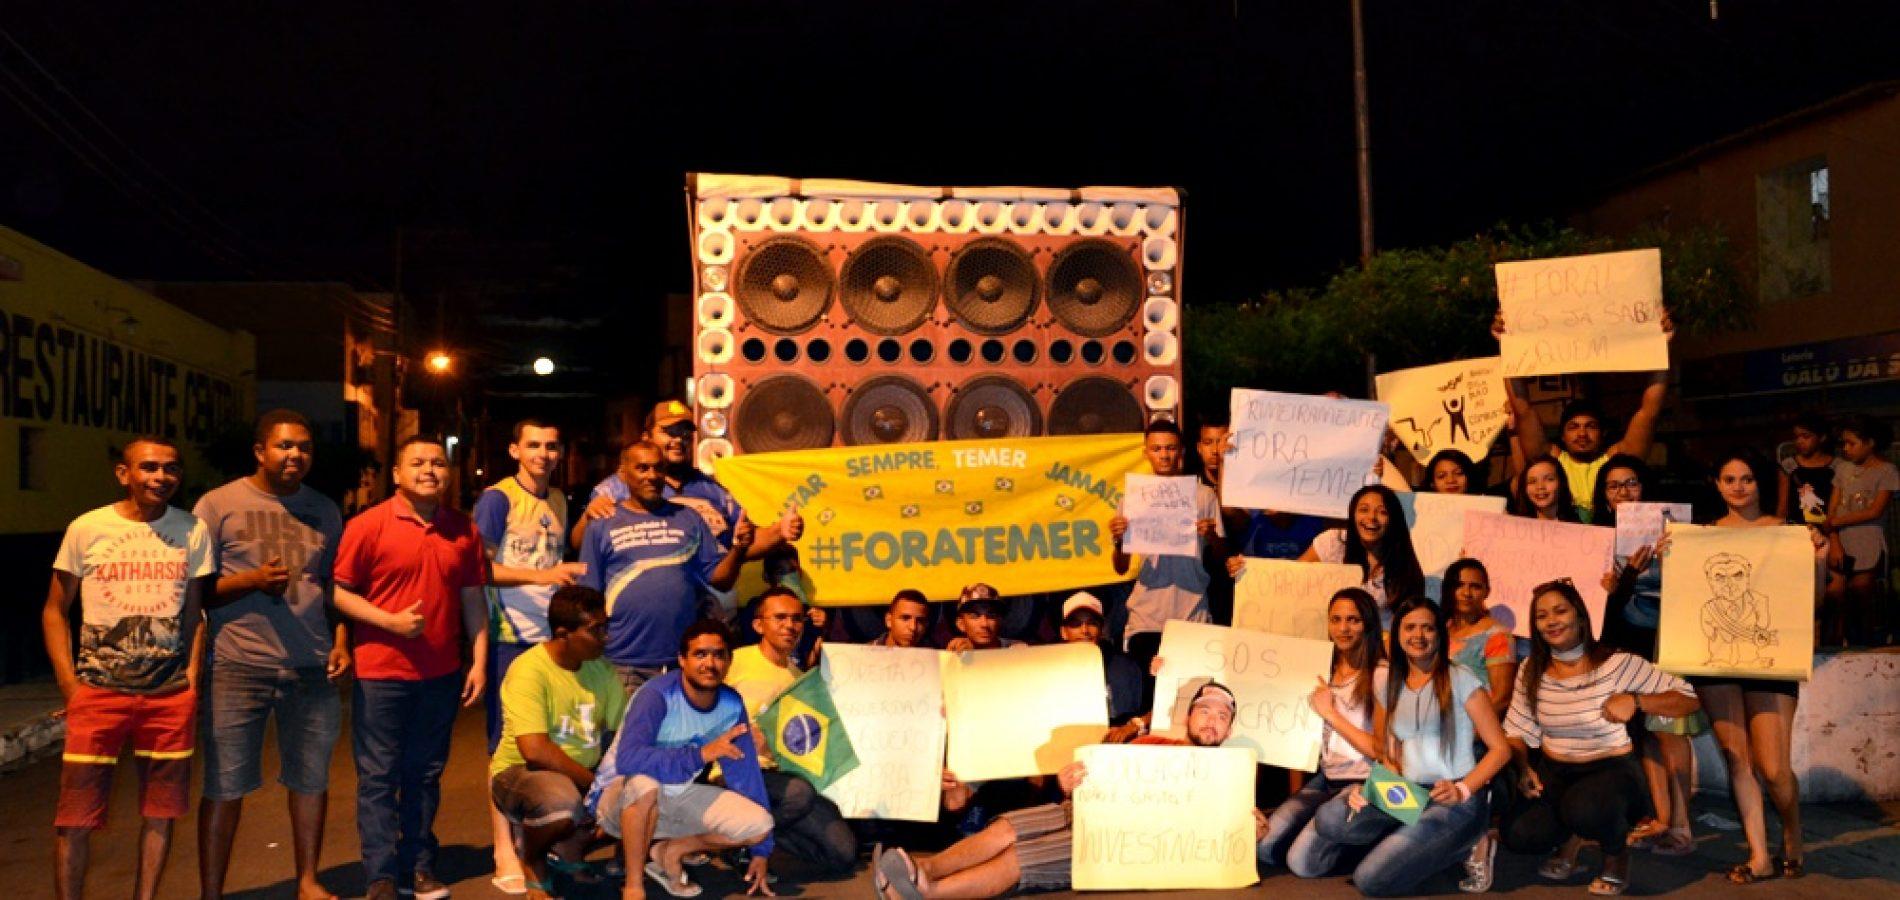 JAICÓS | Populares protestam contra o governo Temer